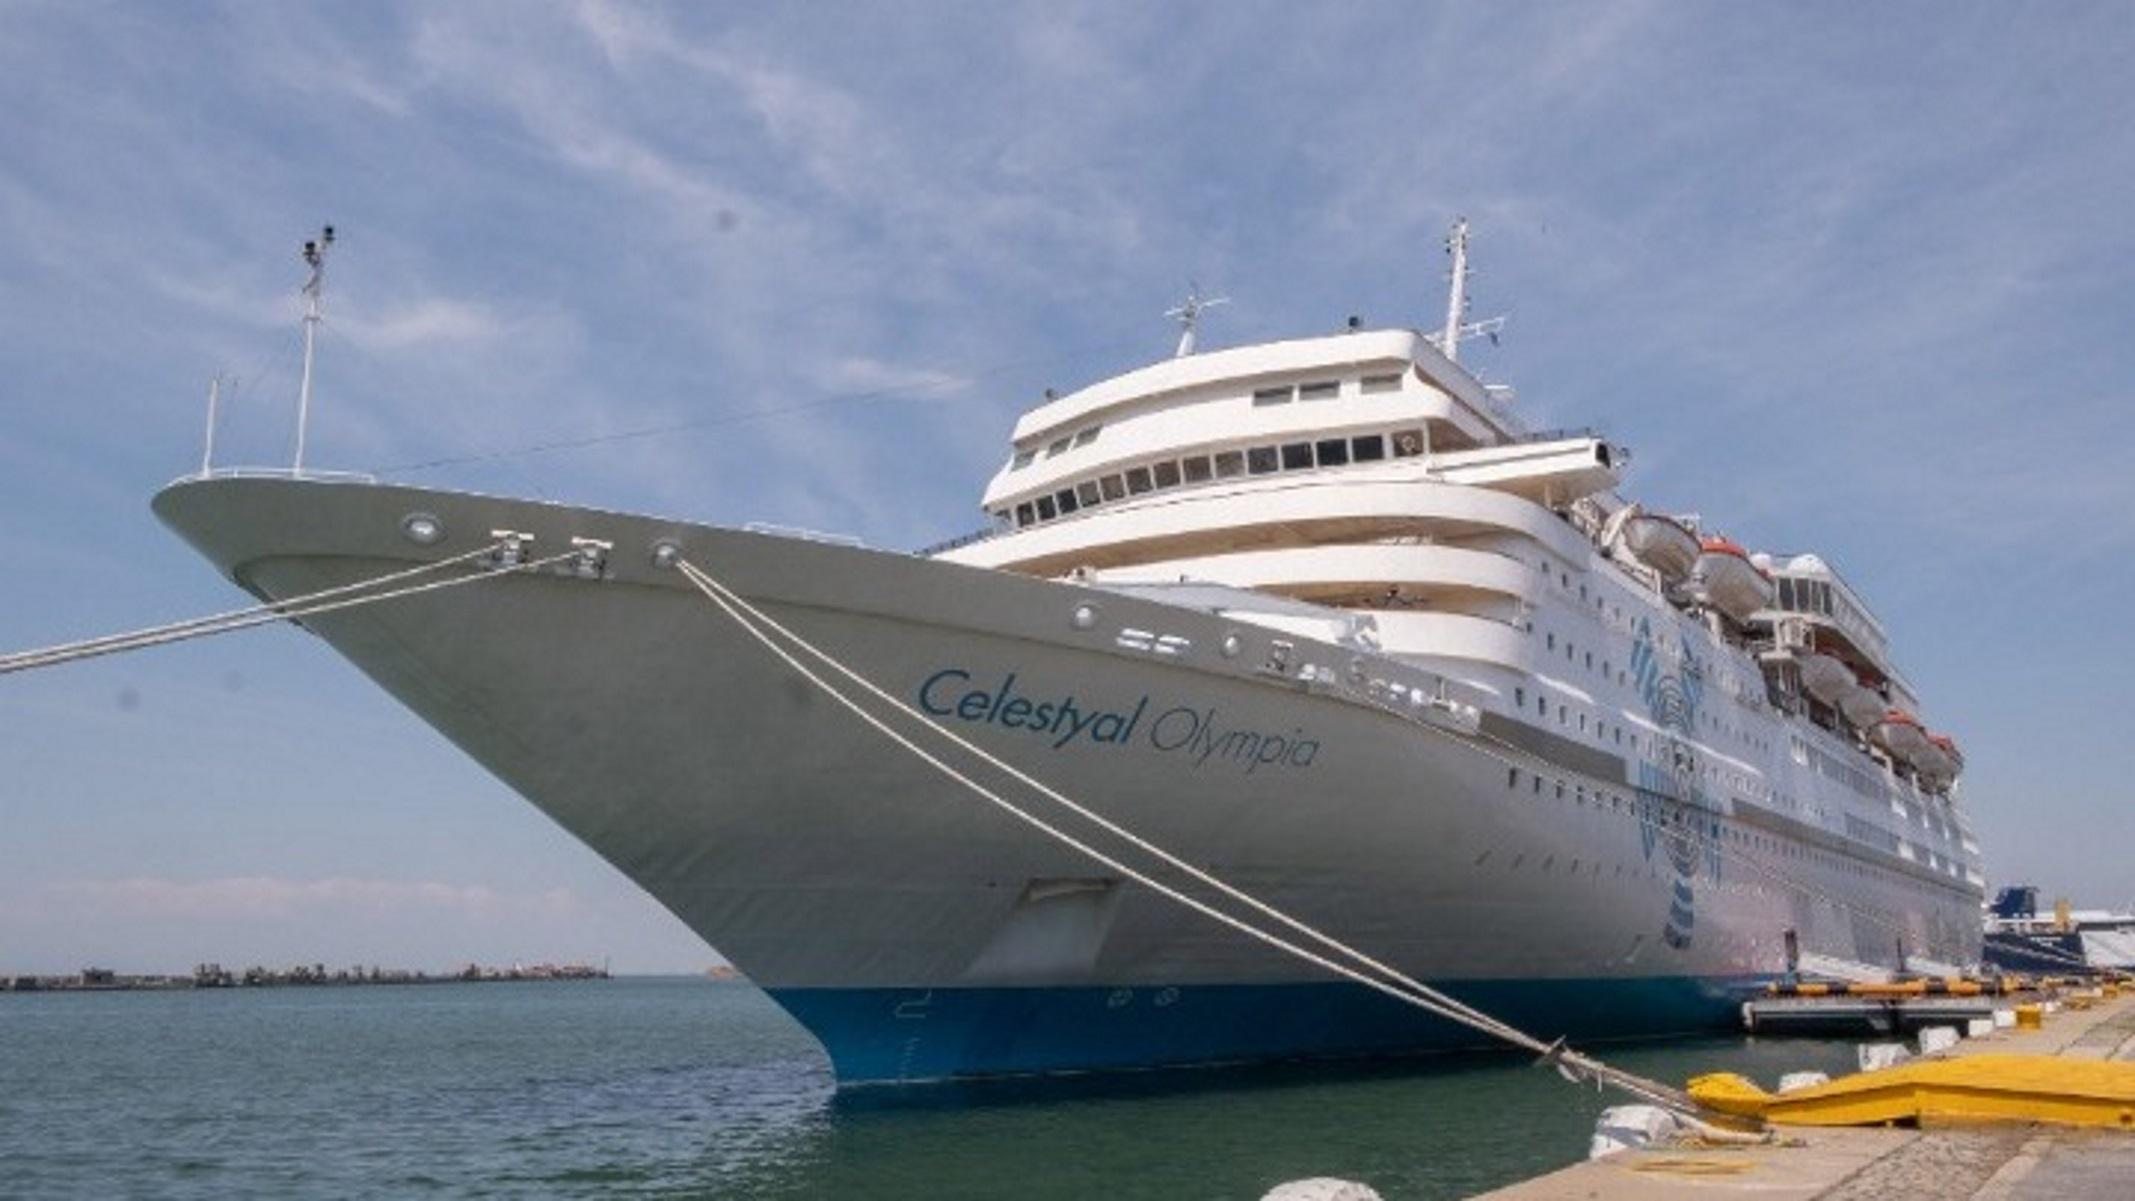 Celestyal Olympia: Από Θεσσαλονίκη για Μύκονο σαλπάρει το τεράστιο κρουαζιερόπλοιο